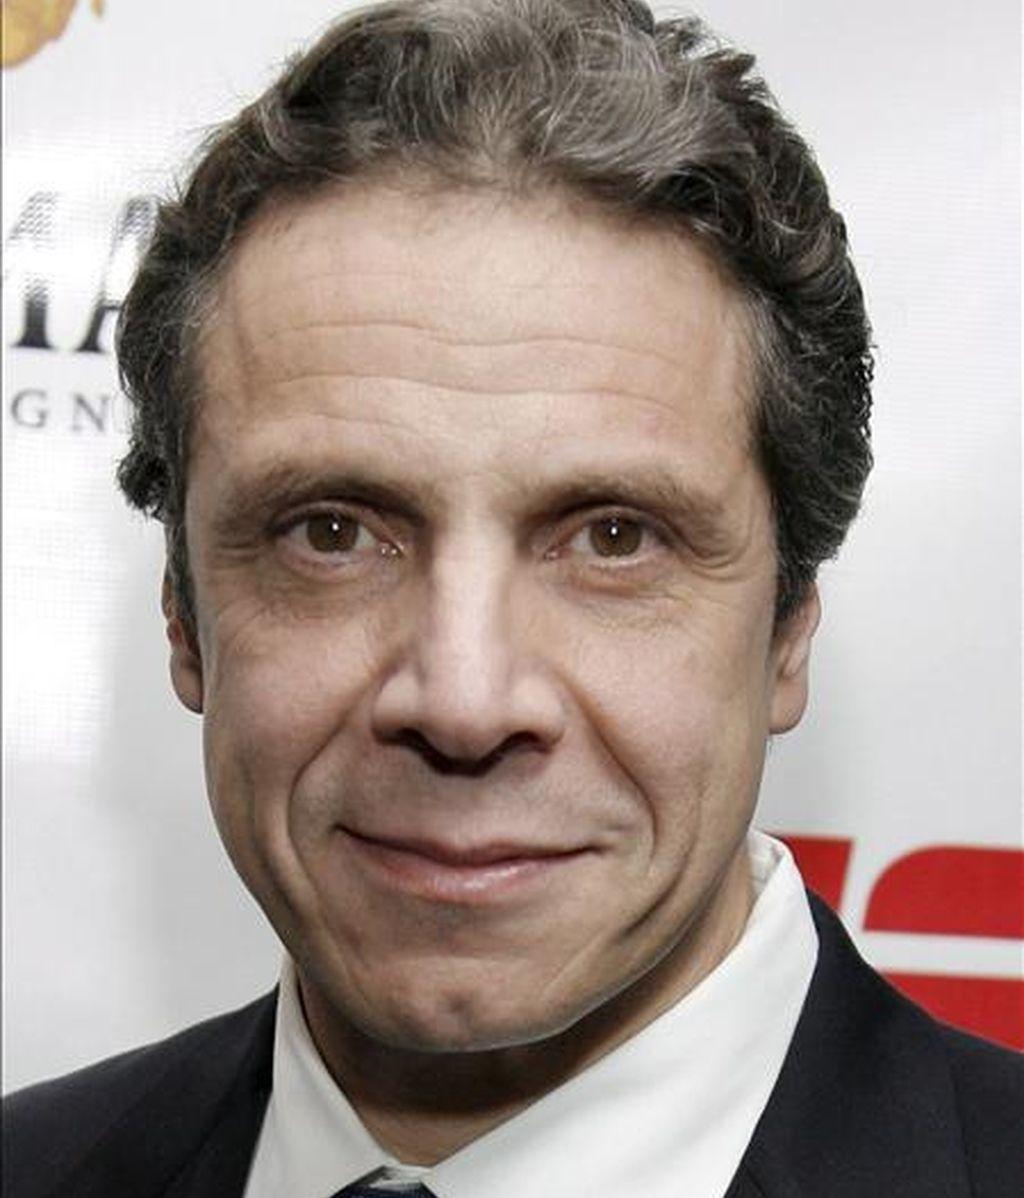 """El fiscal general de Nueva York, Andrew Cuomo califica en esa carta, divulgada hoy por varios medios, de """"sorprendente irresponsabilidad corporativa"""" la manera en que actuaron los ejecutivos de ese banco. EFE/Archivo"""